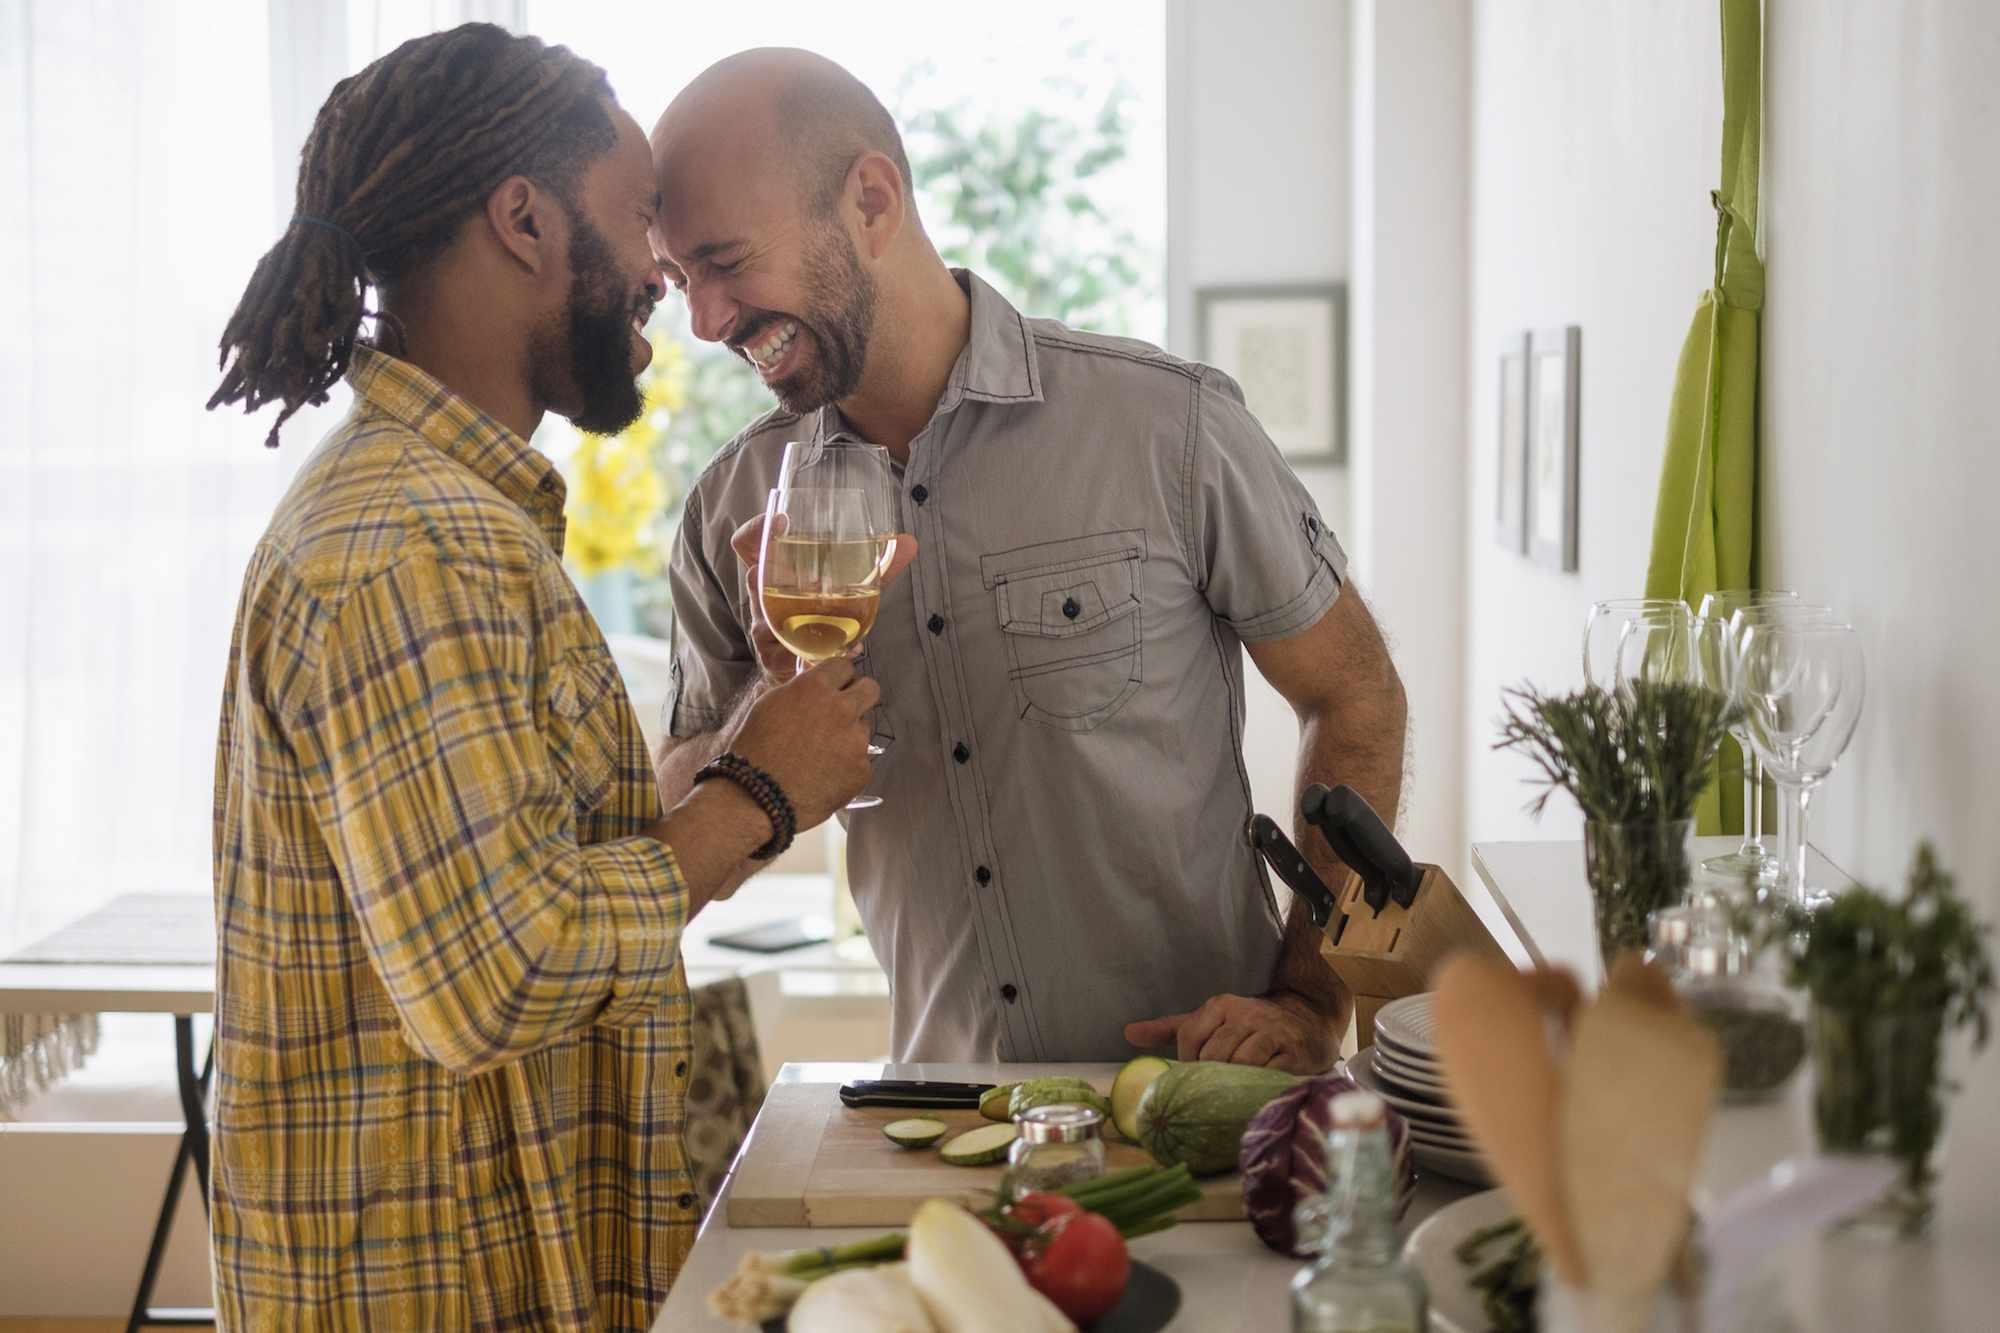 Two men in their kitchen